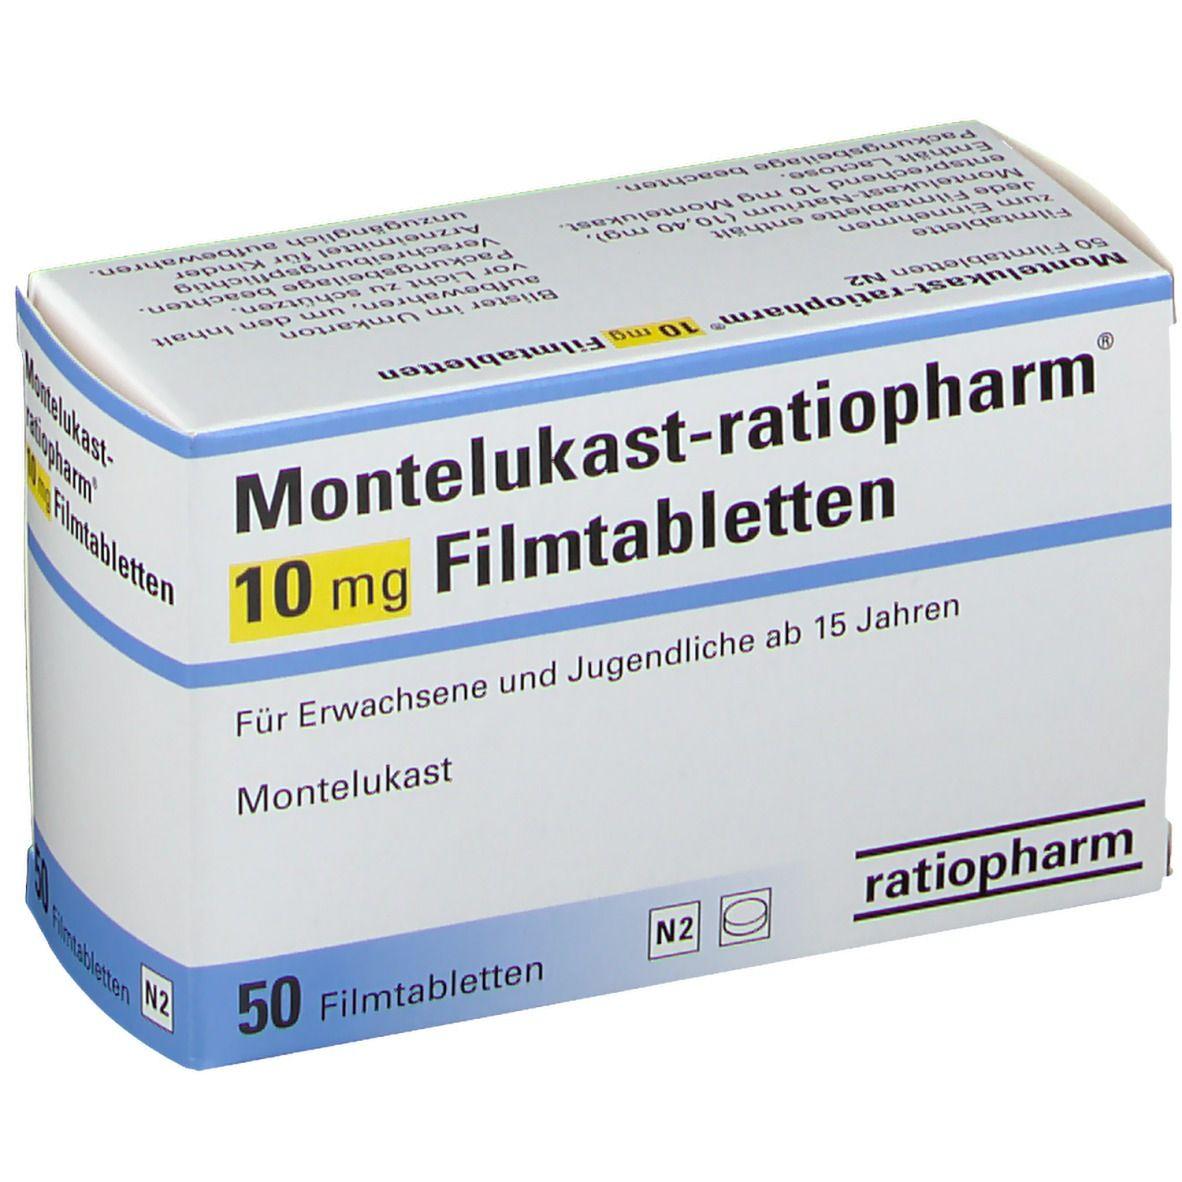 MONTELUKAST ratiopharm® 10 mg 50 St - shop-apotheke.com